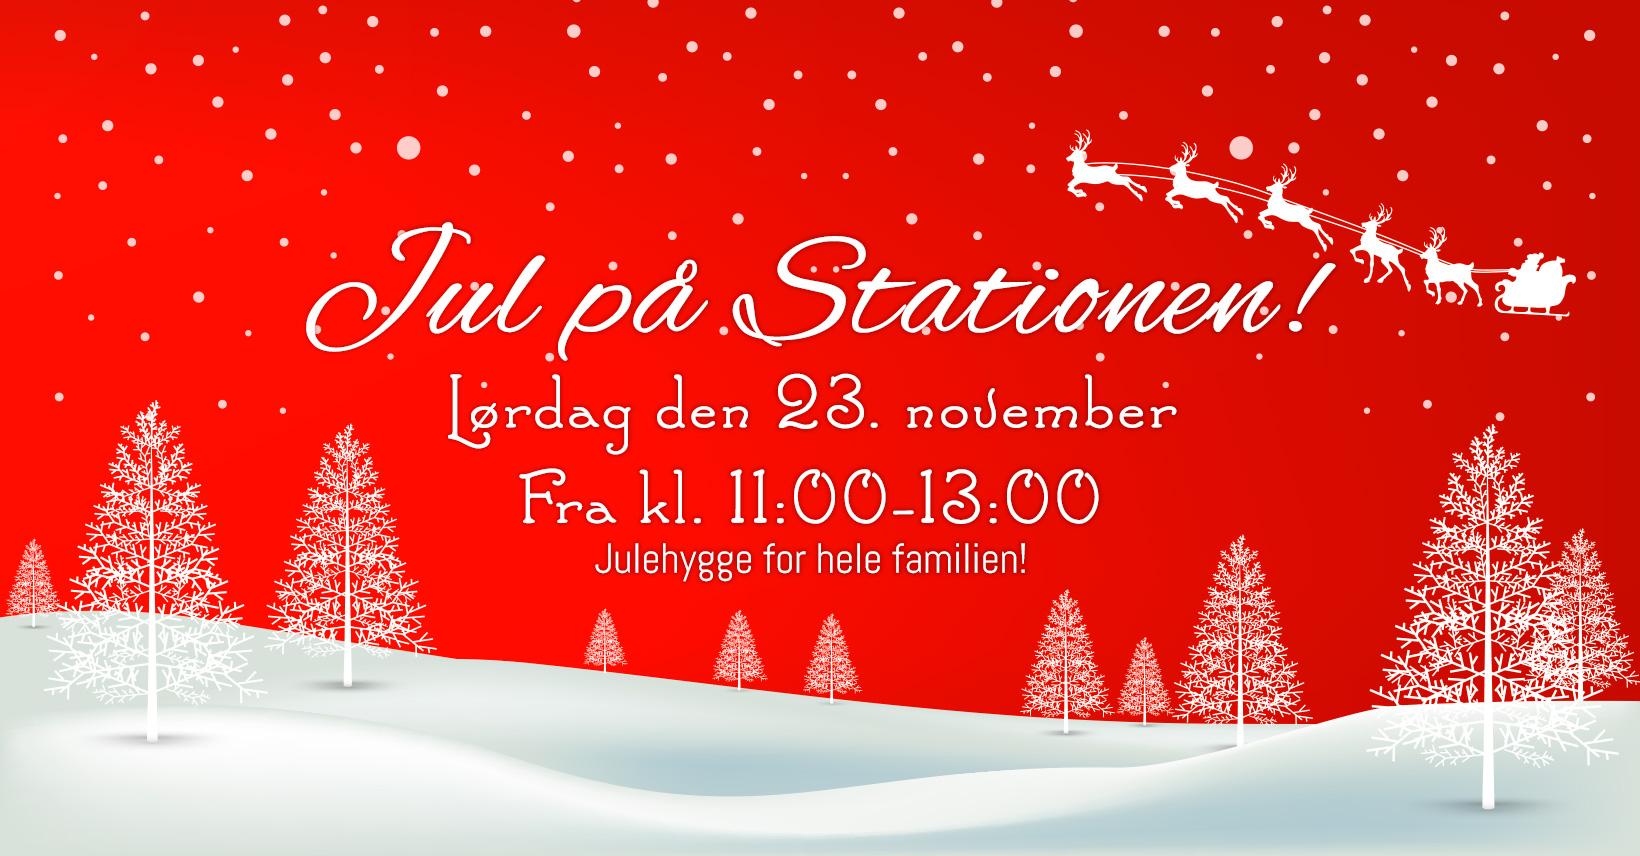 Jul på stationen